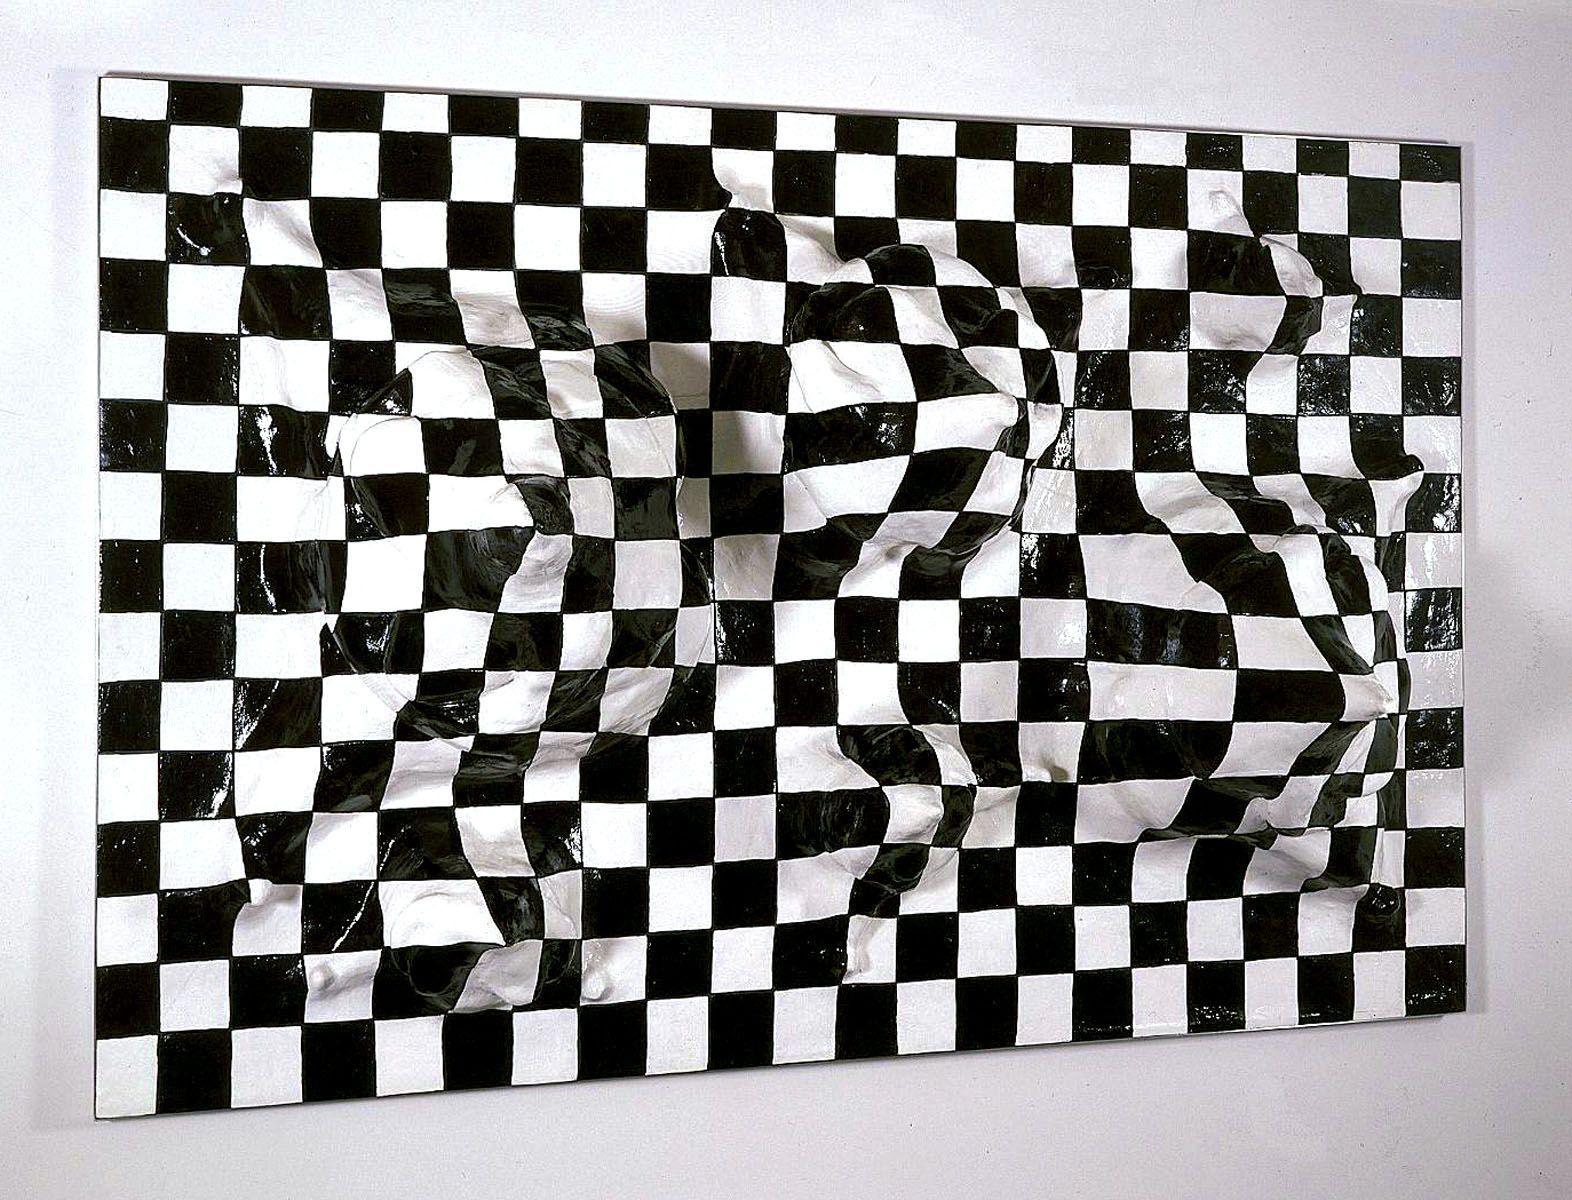 checkerboard illusion sculpture by liz craft